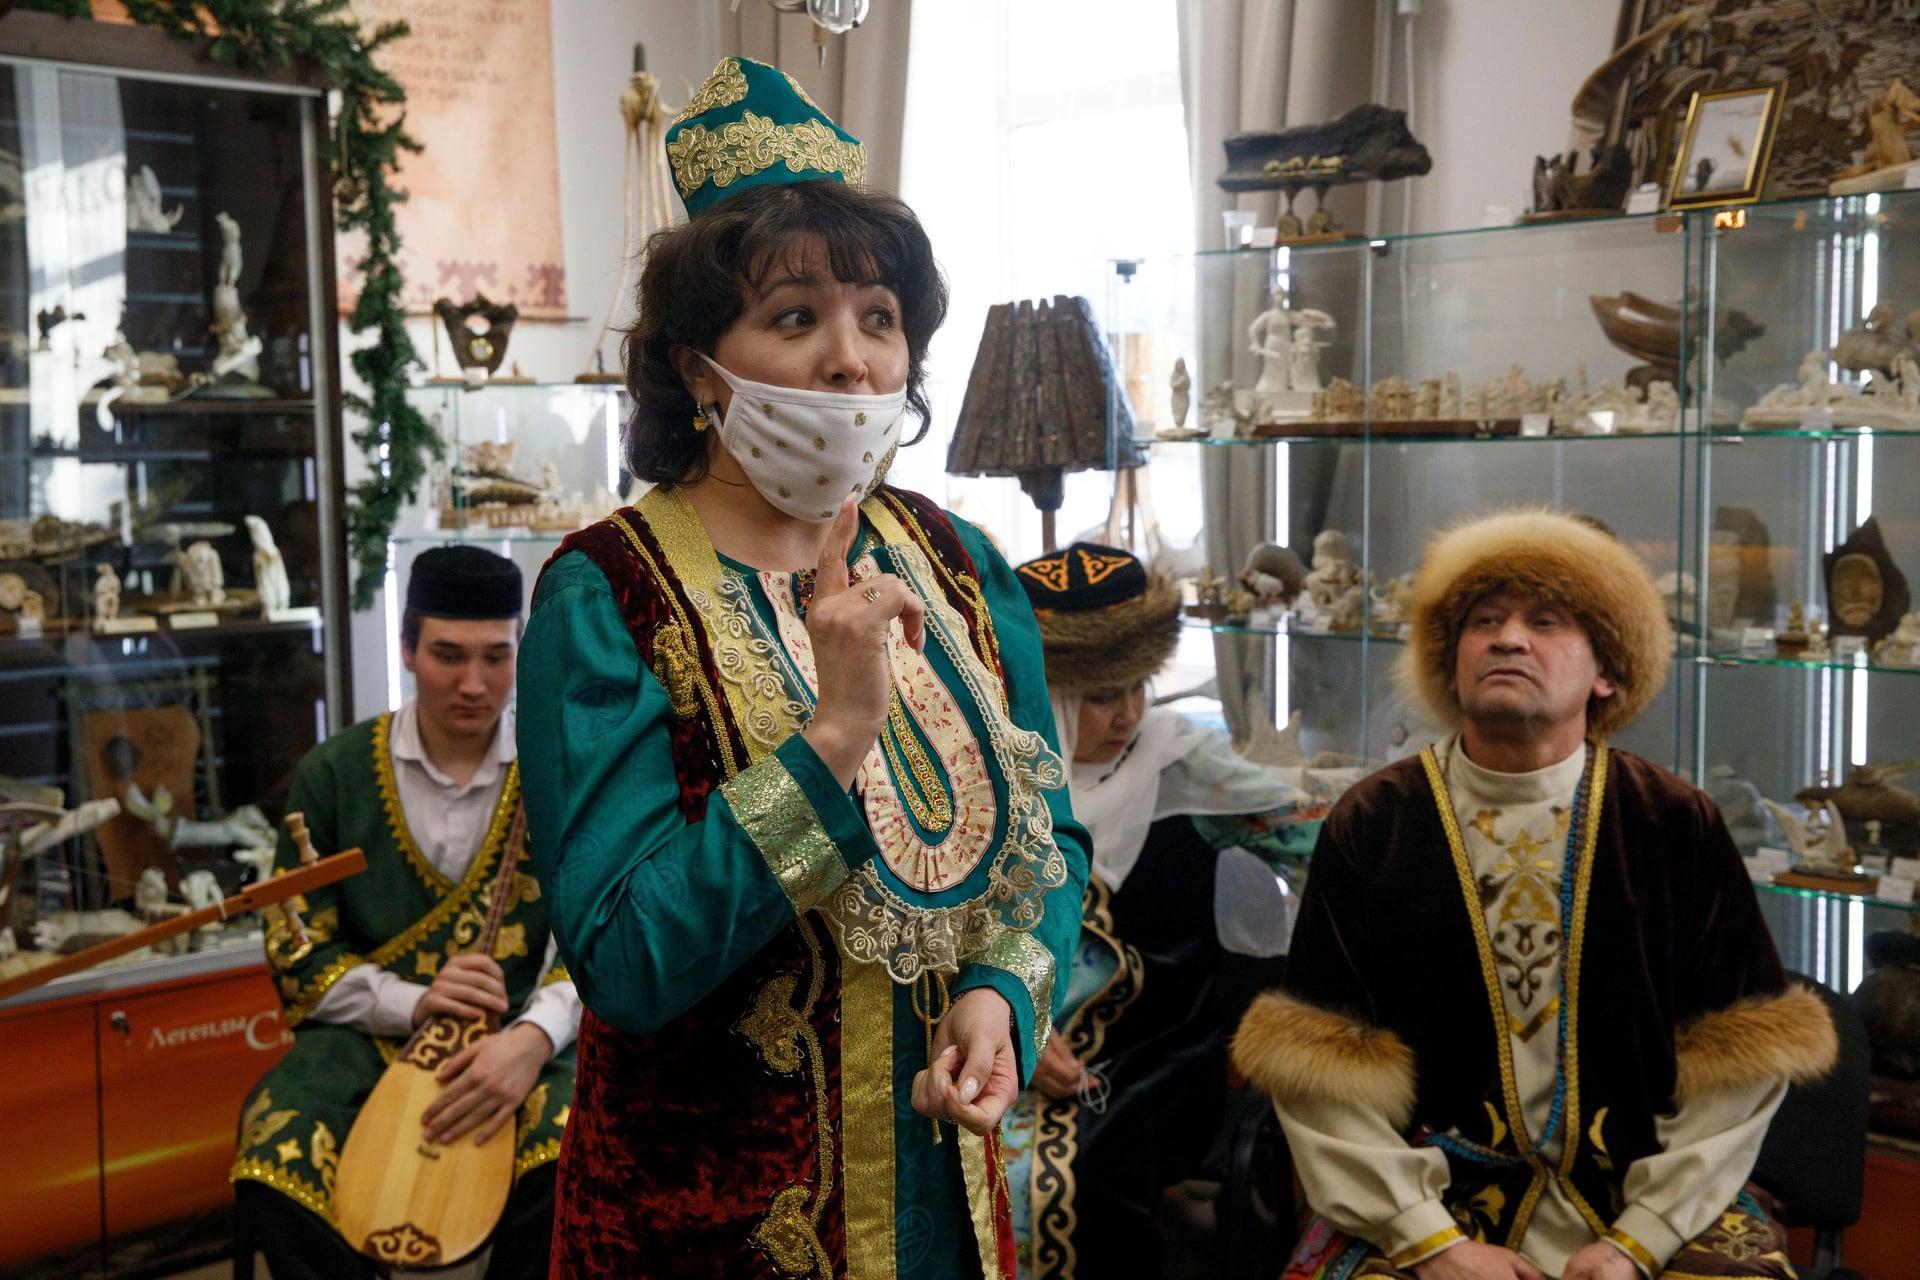 Неля, ебмаевский сельский музей, легенды сибири, сибирских татар, выставка, культура и быт, в тюмени, купить сувенир, одежда татар